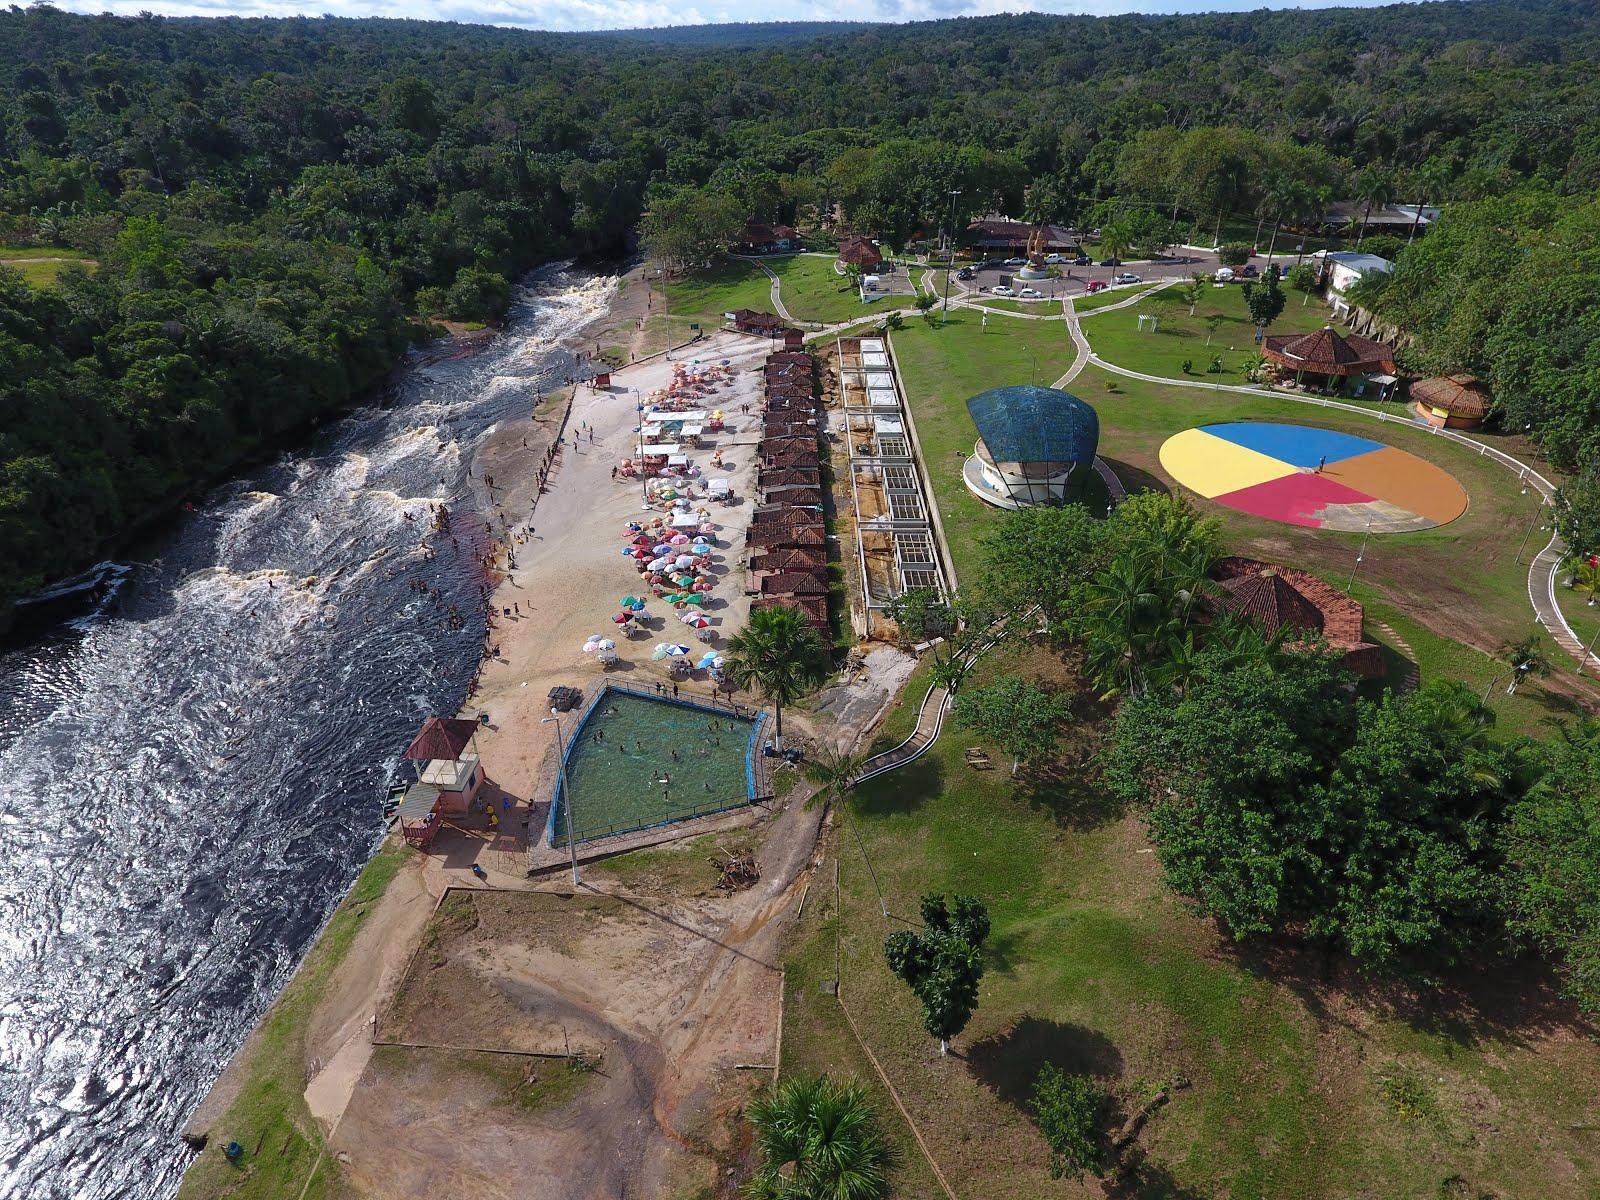 Parque do Urubui, Presidente Figueiredo